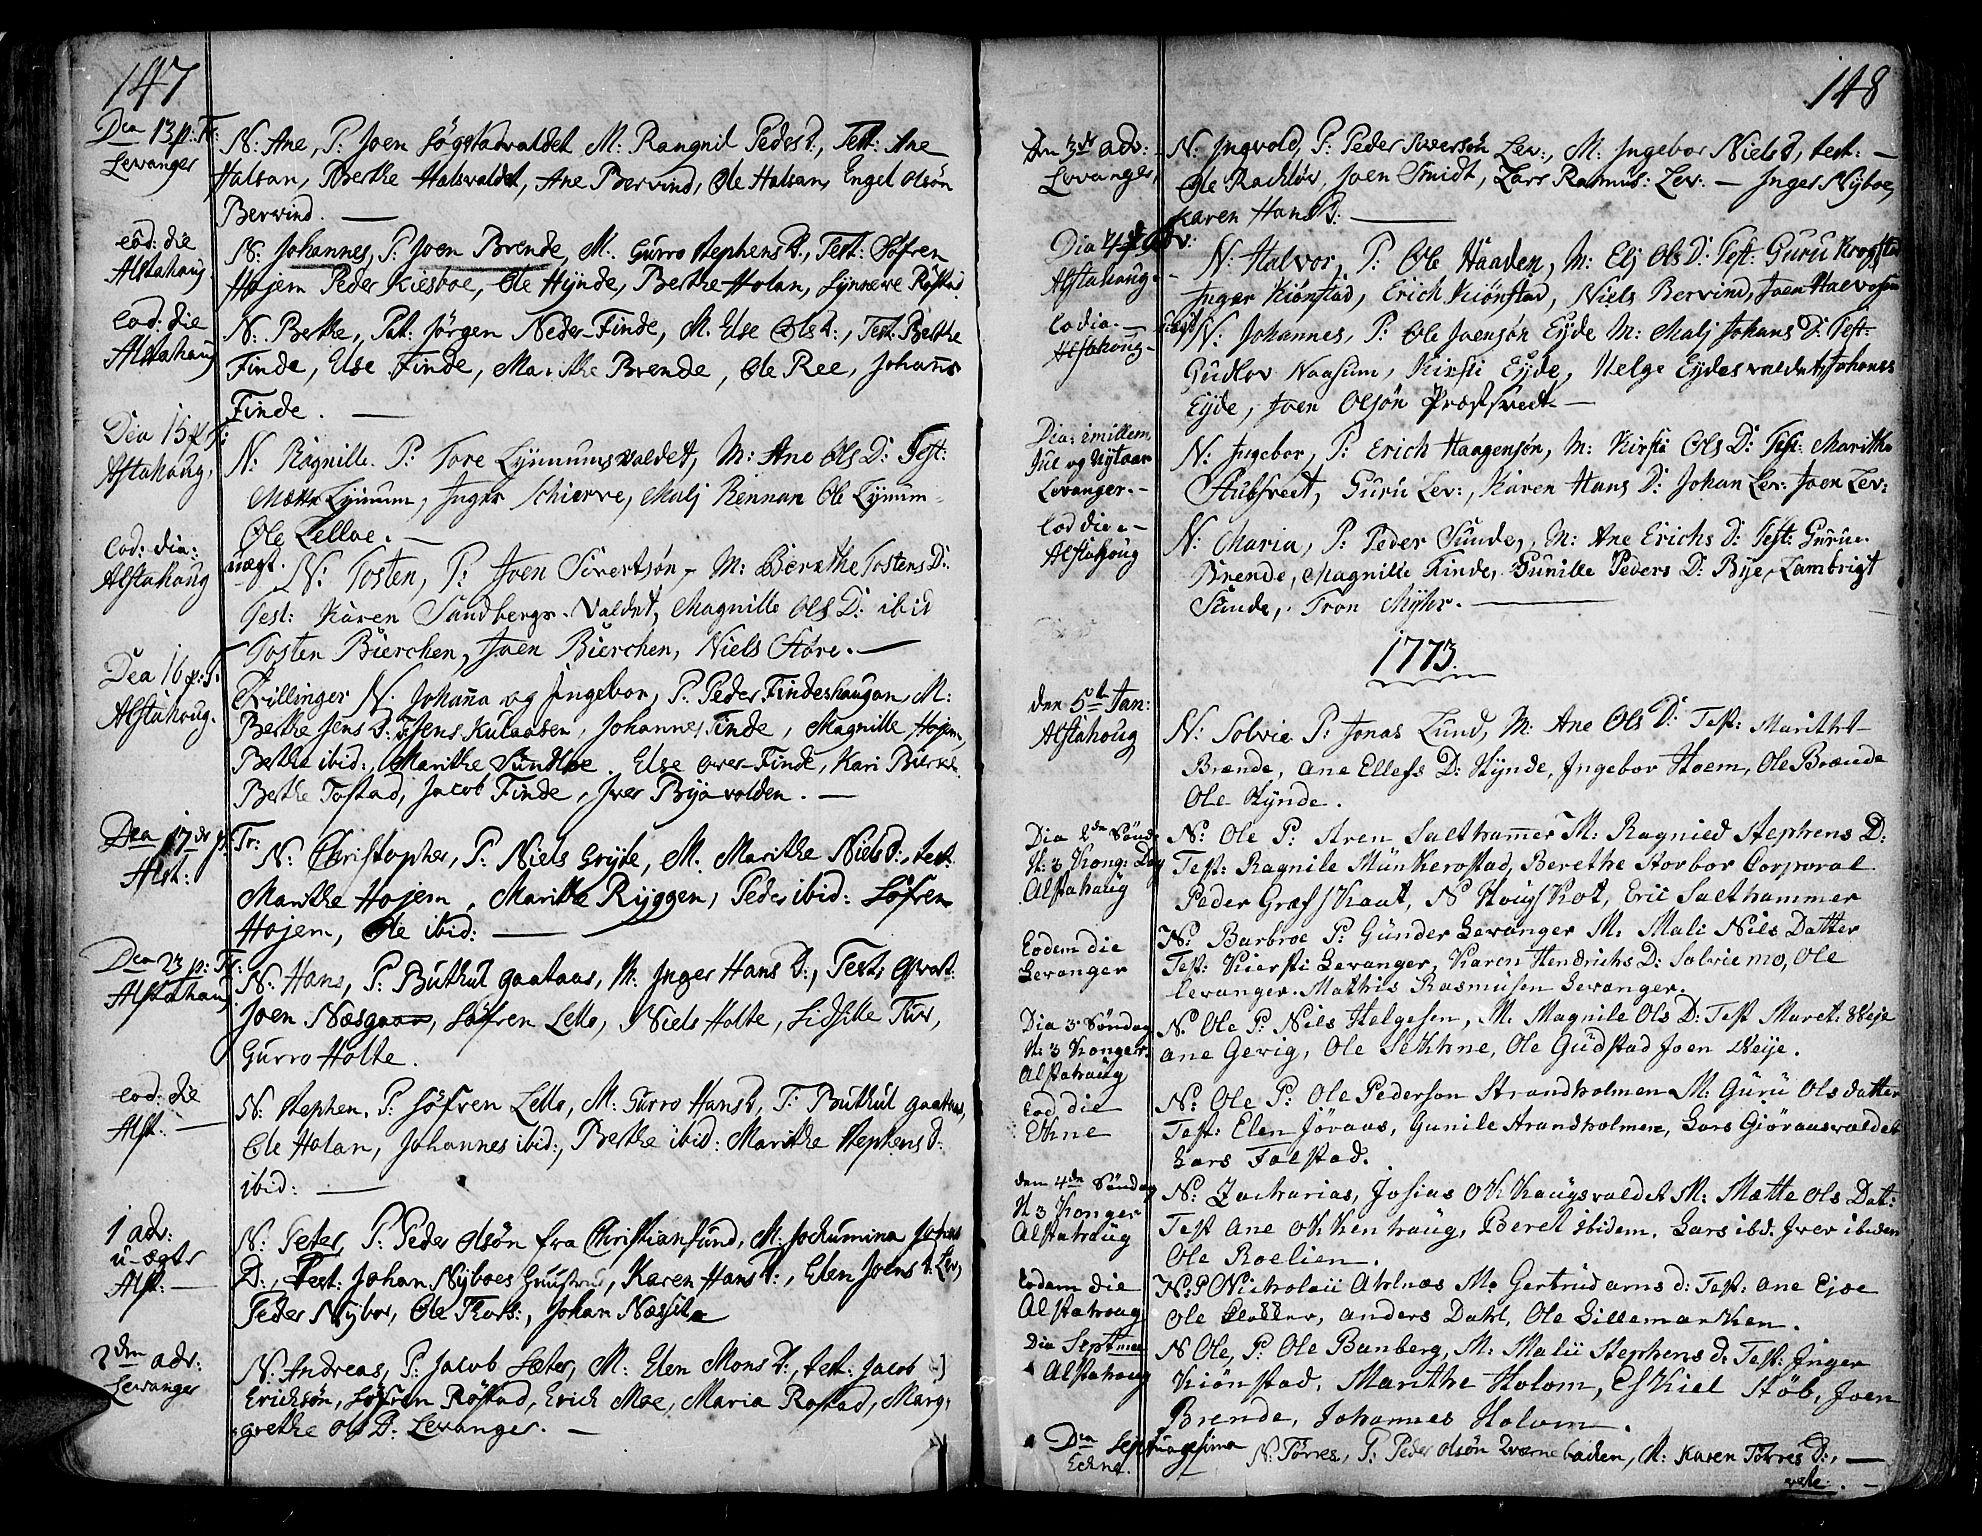 SAT, Ministerialprotokoller, klokkerbøker og fødselsregistre - Nord-Trøndelag, 717/L0141: Ministerialbok nr. 717A01, 1747-1803, s. 147-148